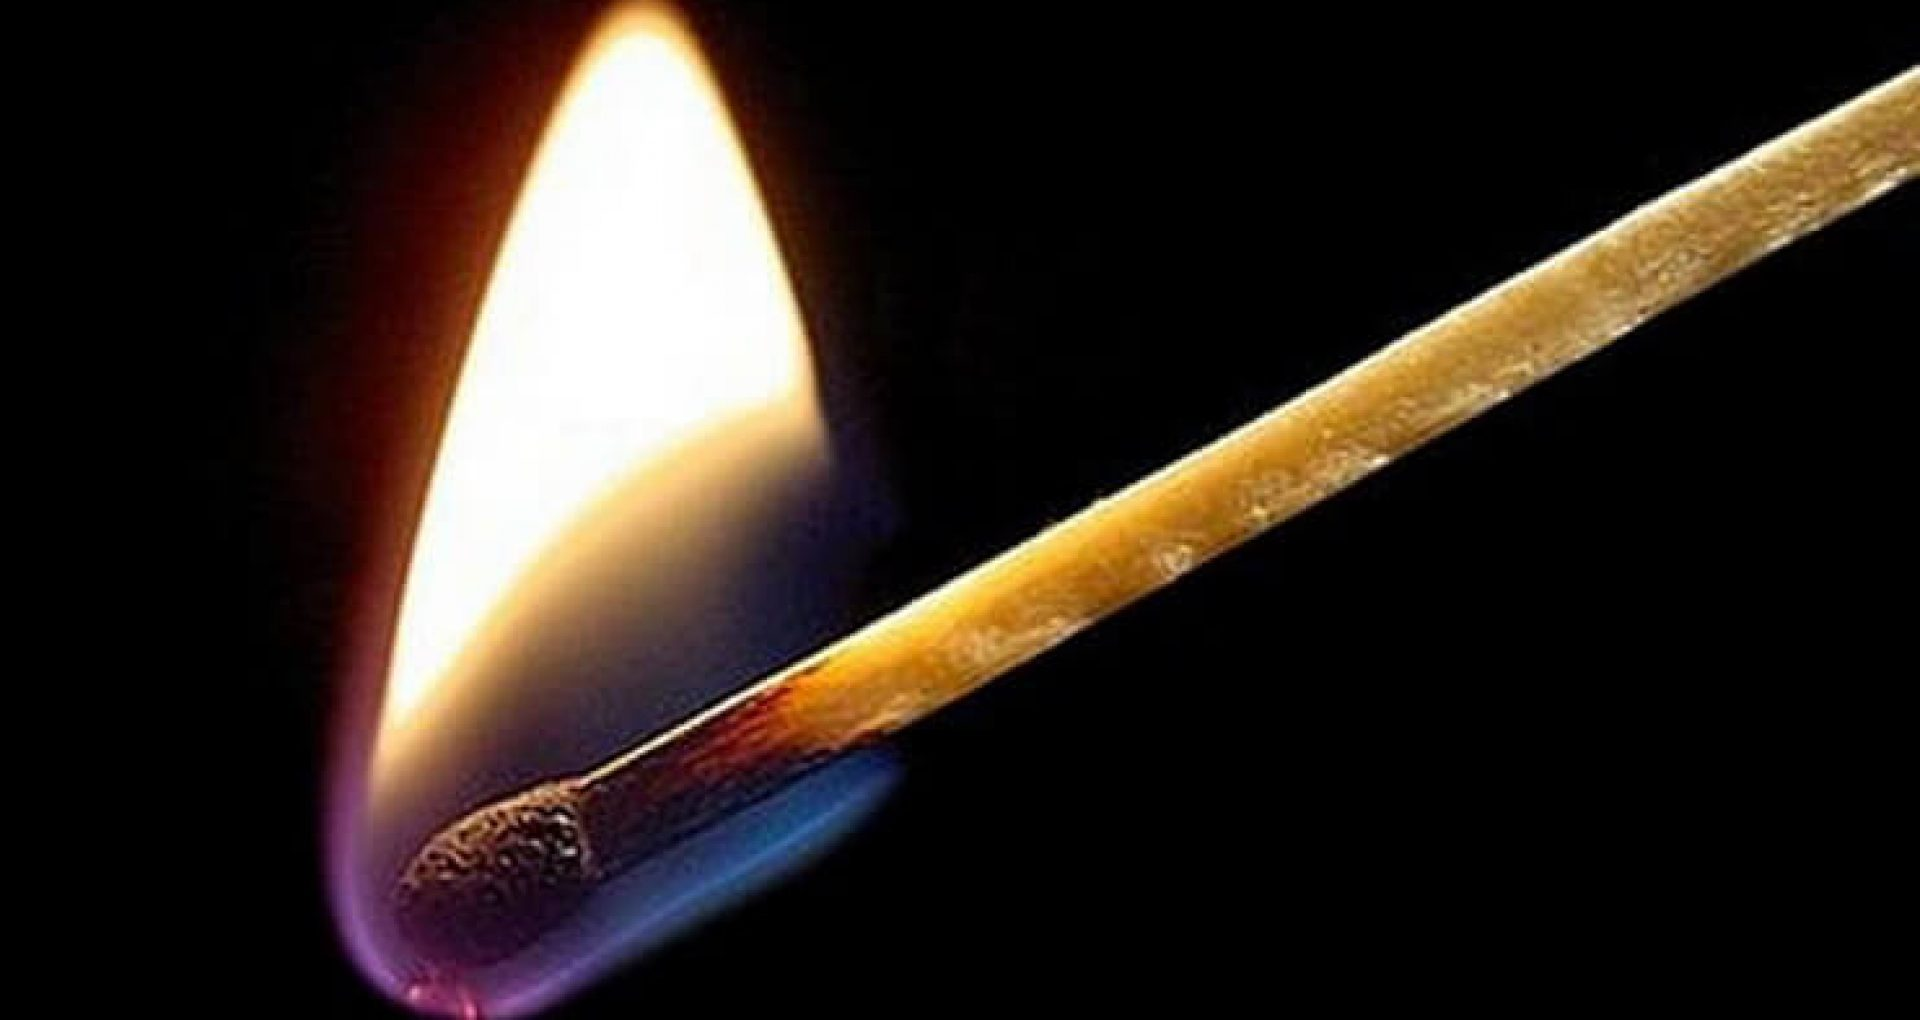 Bărbatul care a incendiat clădirea Procuraturii din Vulcănești, deferit justiției. Riscă până la 7 ani de închisoare